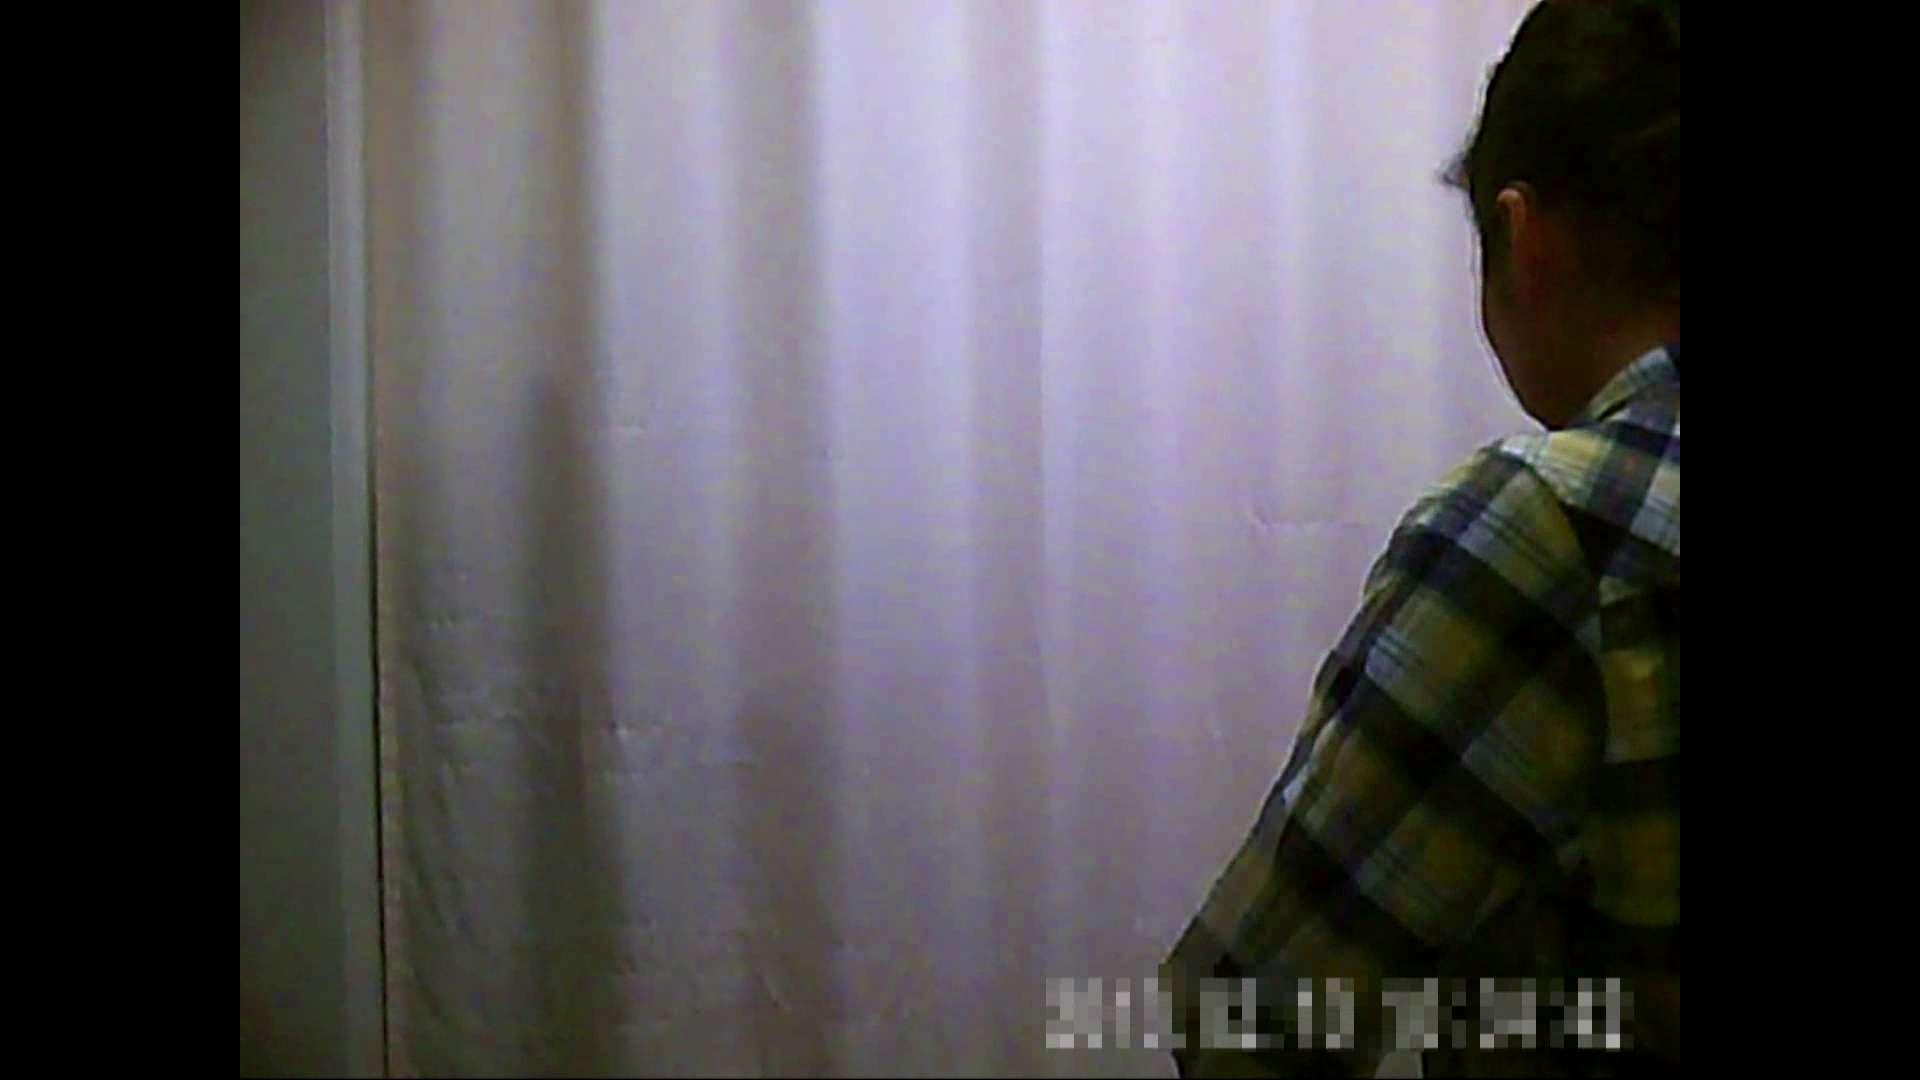 無料アダルト動画:元医者による反抗 更衣室地獄絵巻 vol.145:怪盗ジョーカー